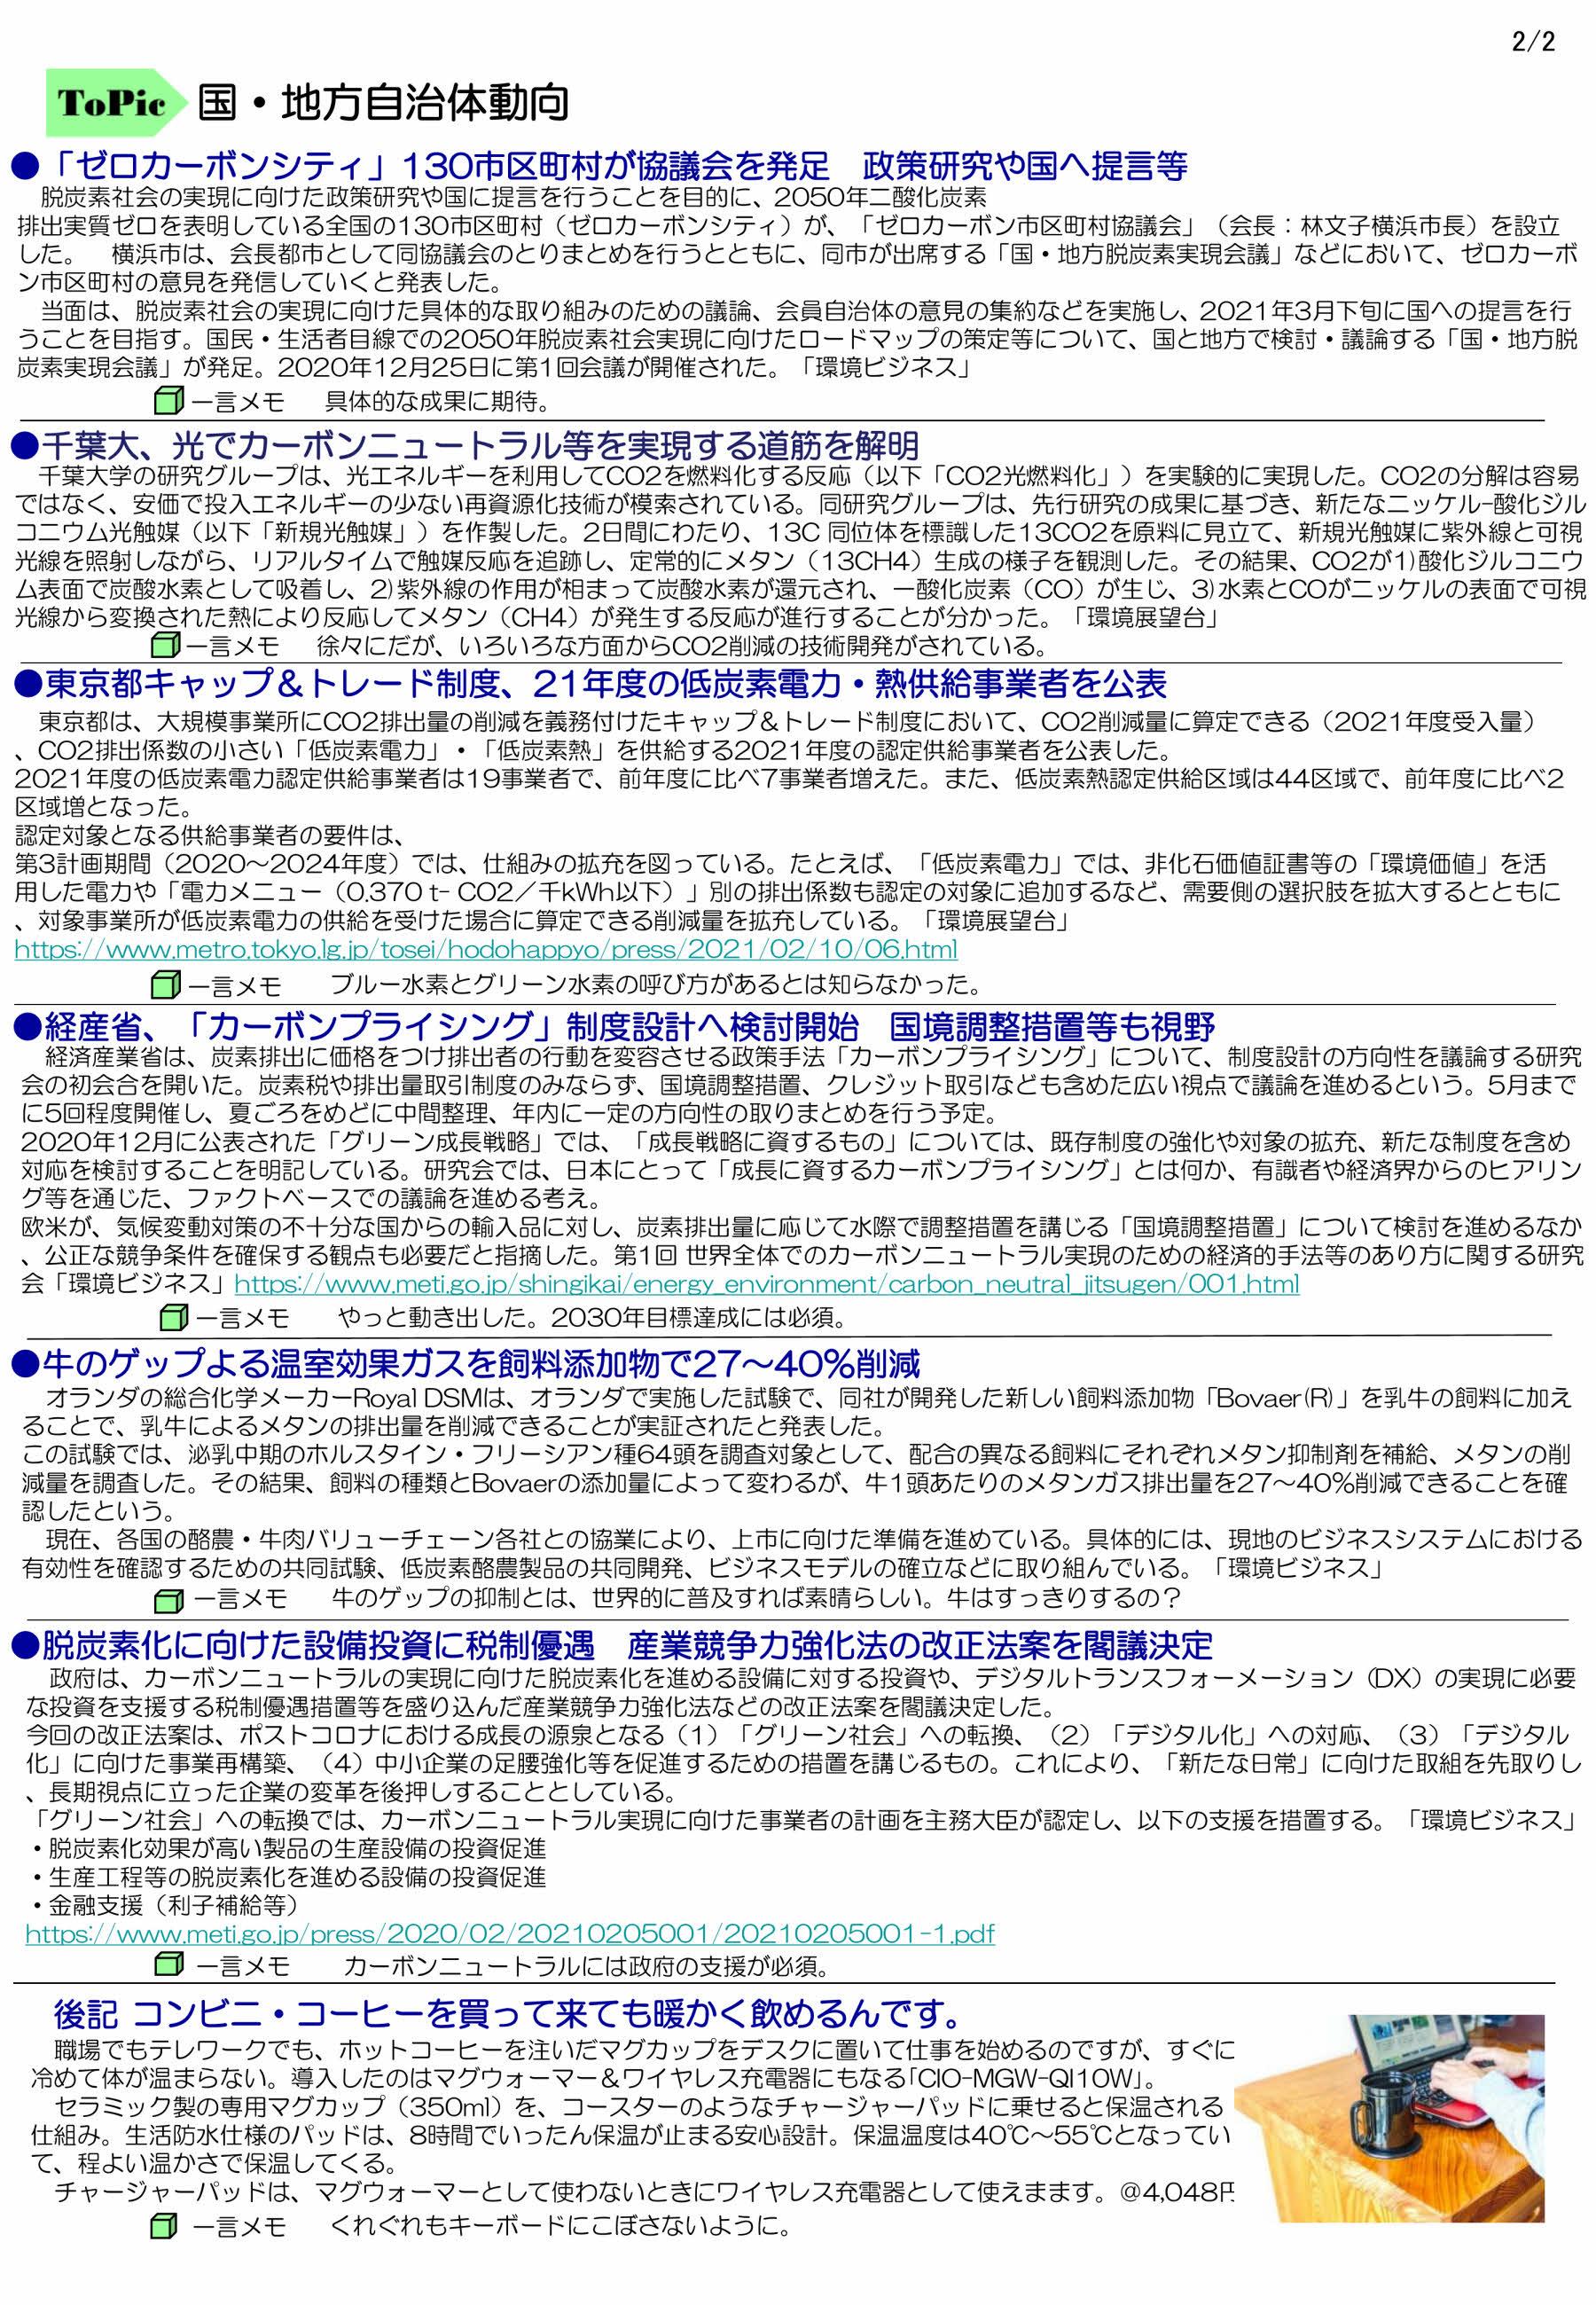 資源エネレポート -N0.83-